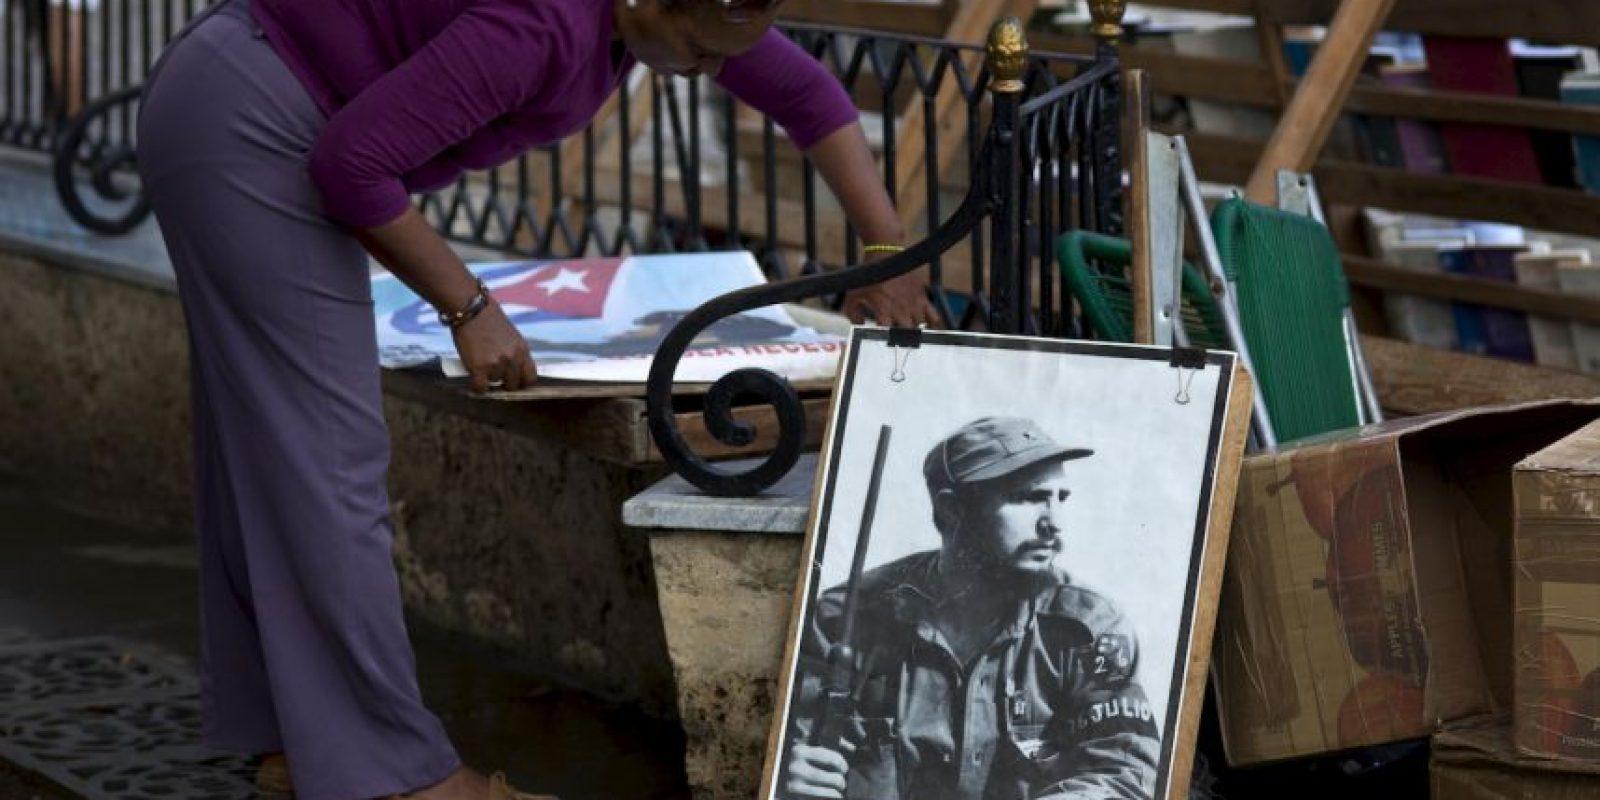 Raúl Castro abandonará la presidencia de Cuba en el año 2018, así lo prometió en su última reelección. Fidel Castro tendría entonces 92 años y Raúl 87, casi la edad actual de su hermano mayor. Foto:AP